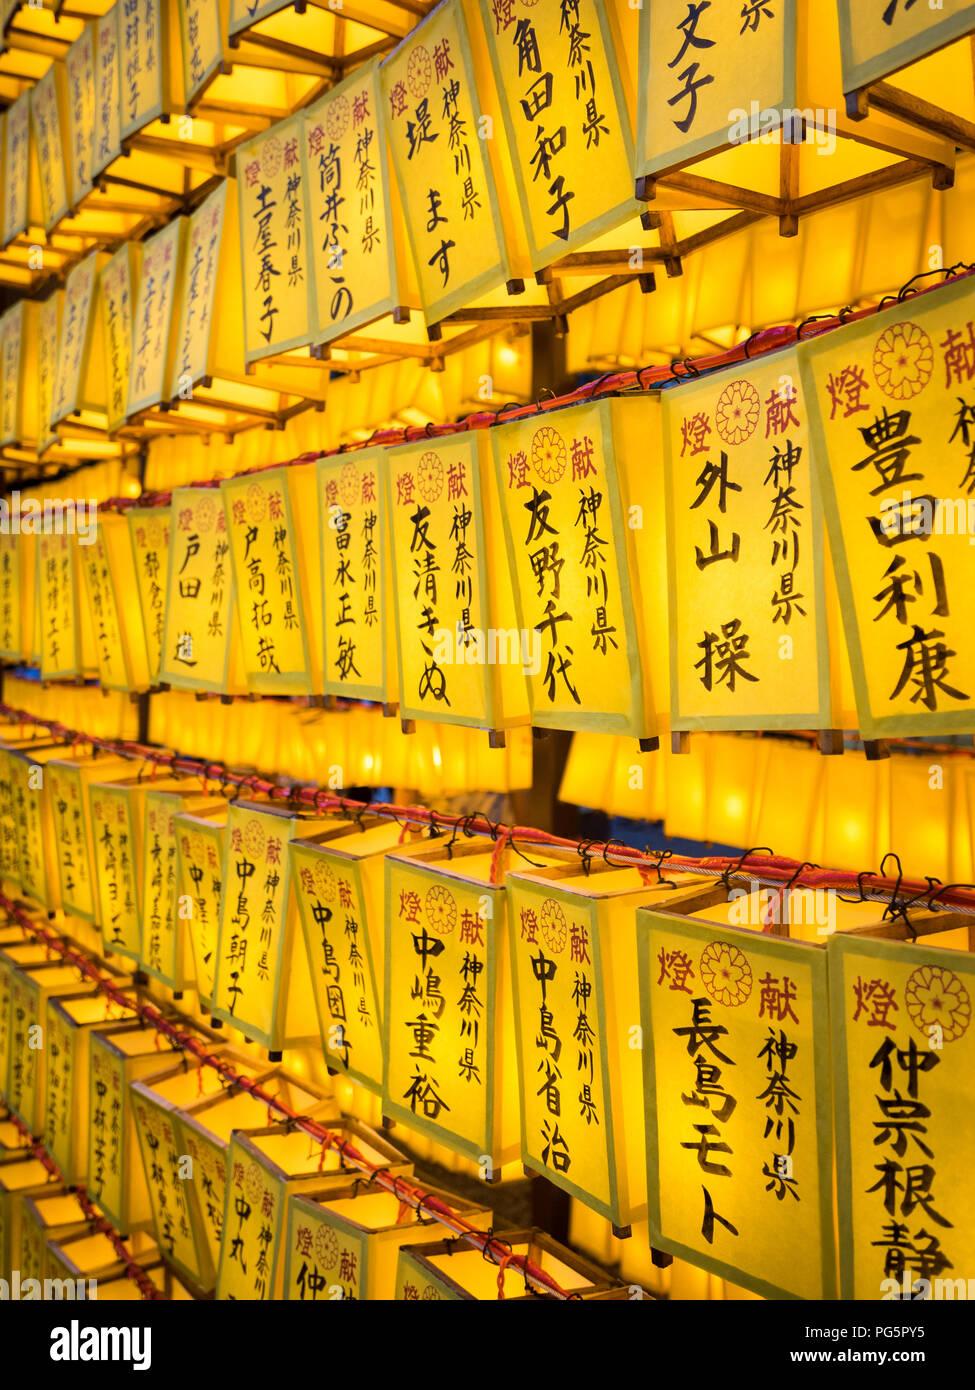 Lanternes des 2018 Mitama Mitama Matsuri (Festival), un célèbre Japanese Obon (Bon) festival d'été. Sanctuaire de Yasukuni, Ichigaya, Tokyo, Japon. Photo Stock